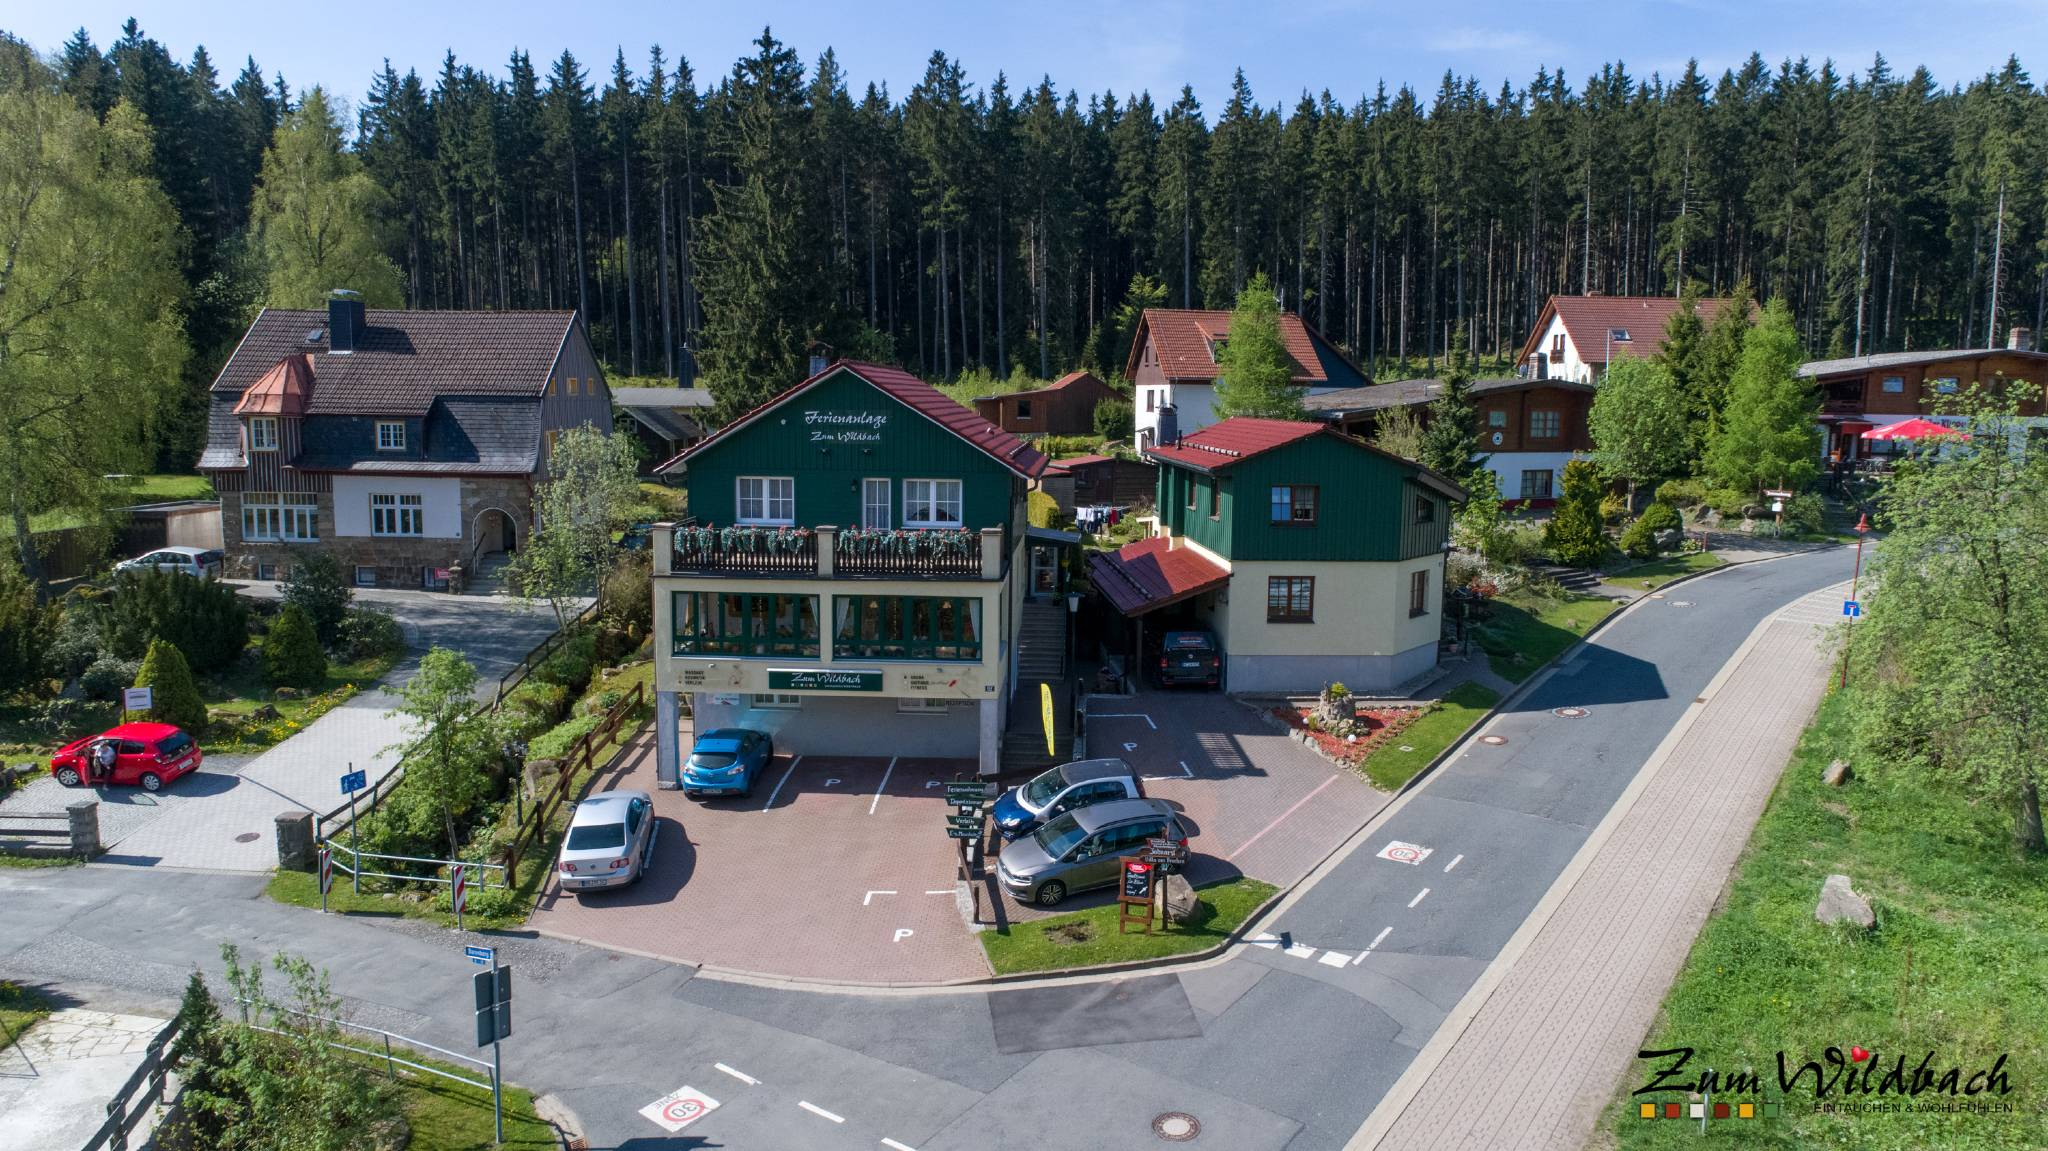 Wohnzimmer Ferienwohnung Wildbach